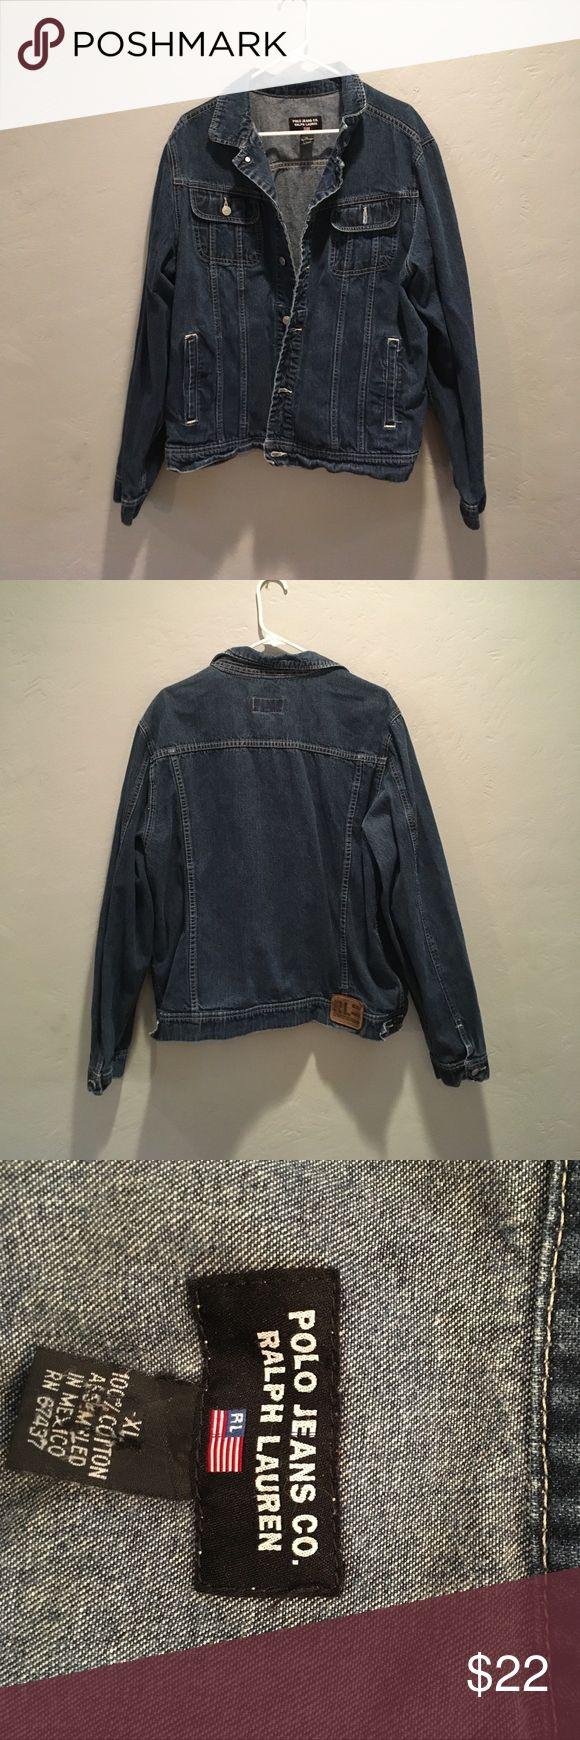 Polo Jeans Co. Ralph Lauren Denim jacket 1990's Polo Jeans Co. Ralph Lauren 100%cotton denim jacket Polo by Ralph Lauren Jackets & Coats Lightweight & Shirt Jackets